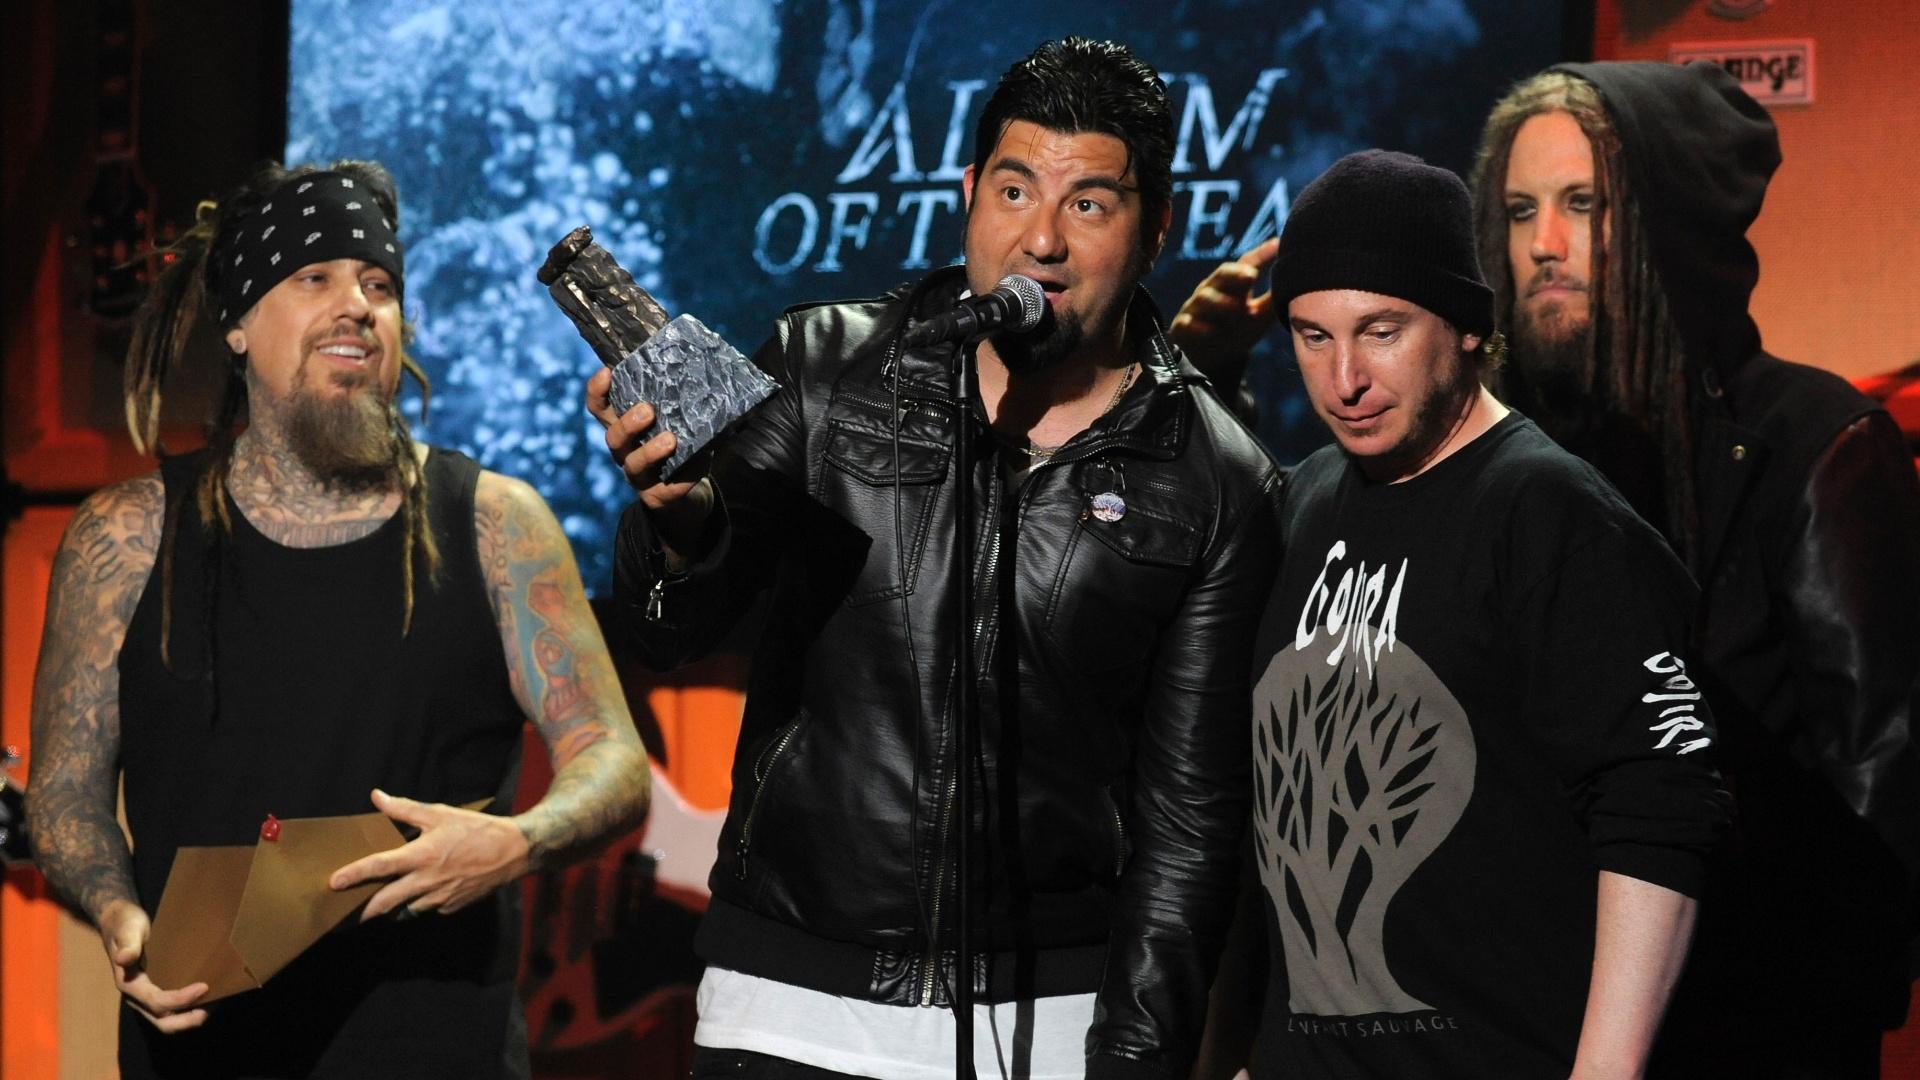 2.mai.2013 - A banda Deftones recebeu o prêmio de Álbum do Ano, por